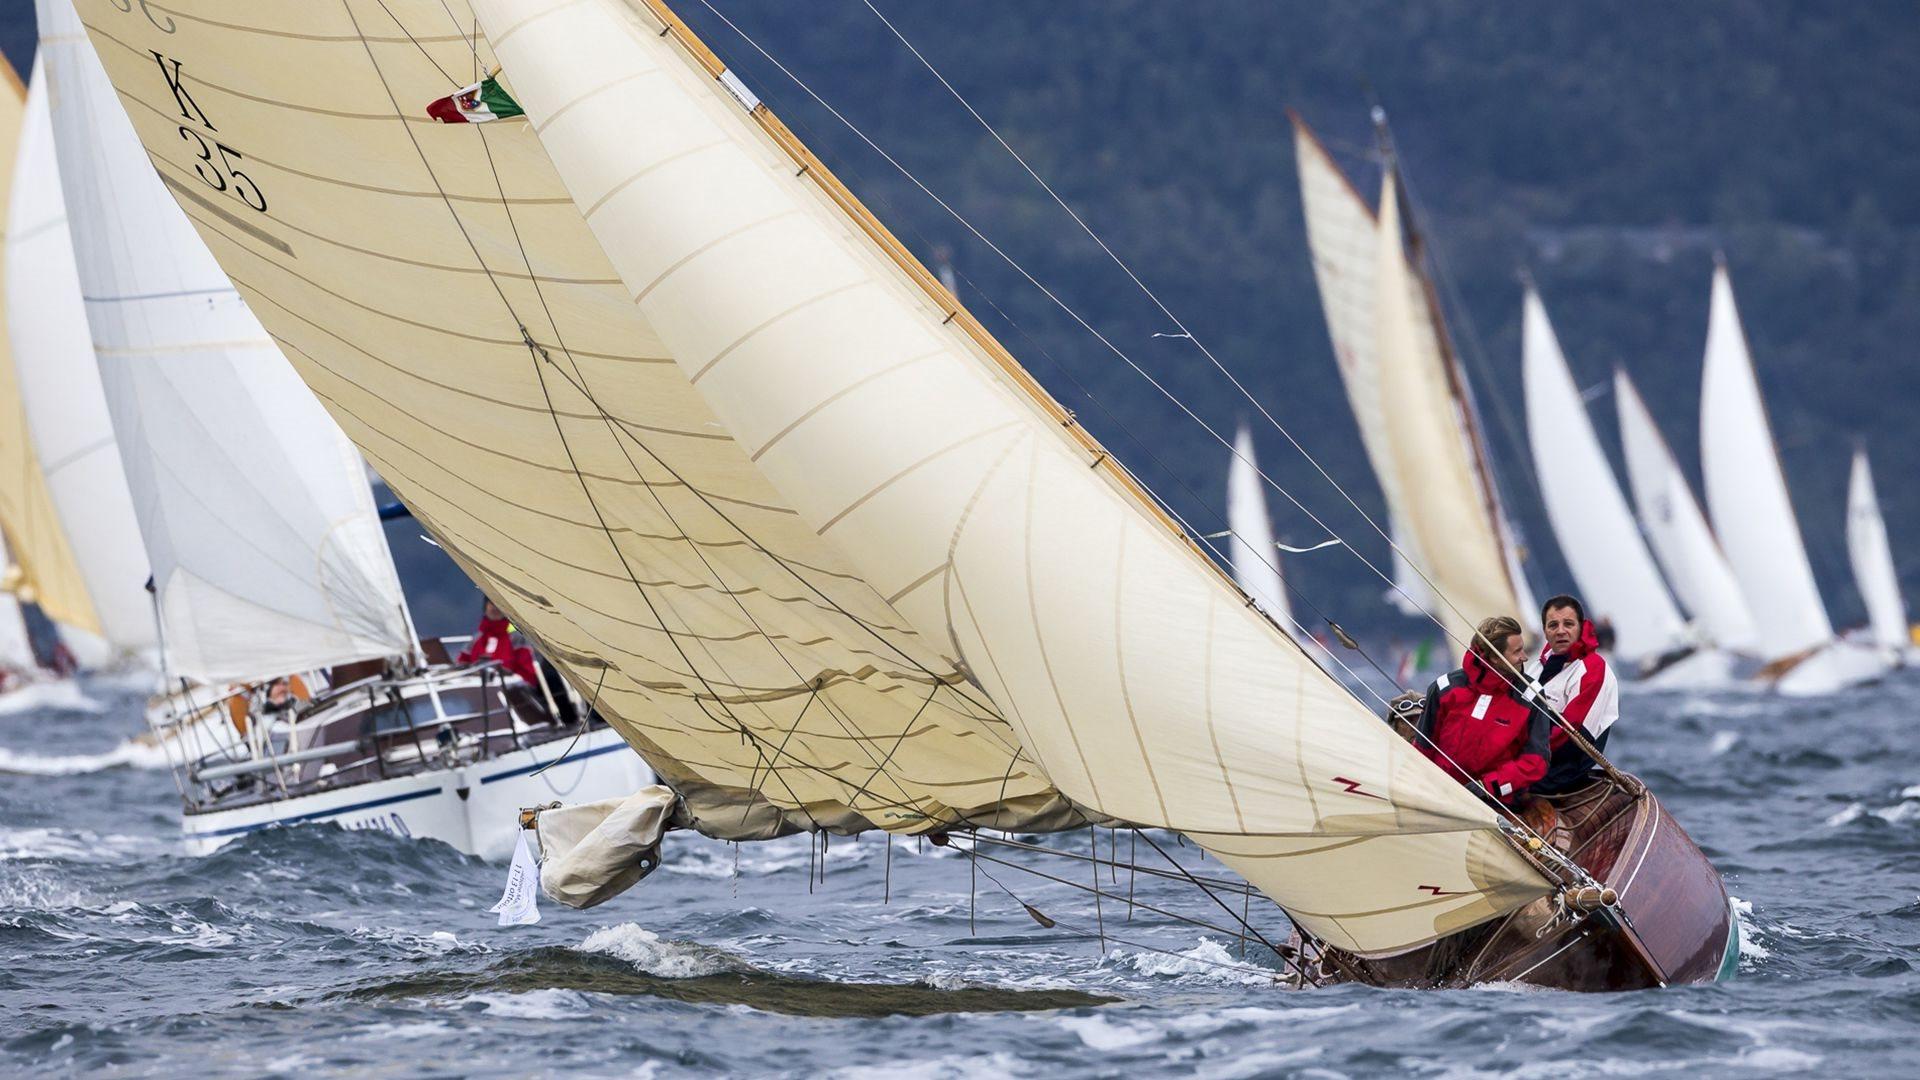 Le barche di una volta, scafi in legno e vele bianche